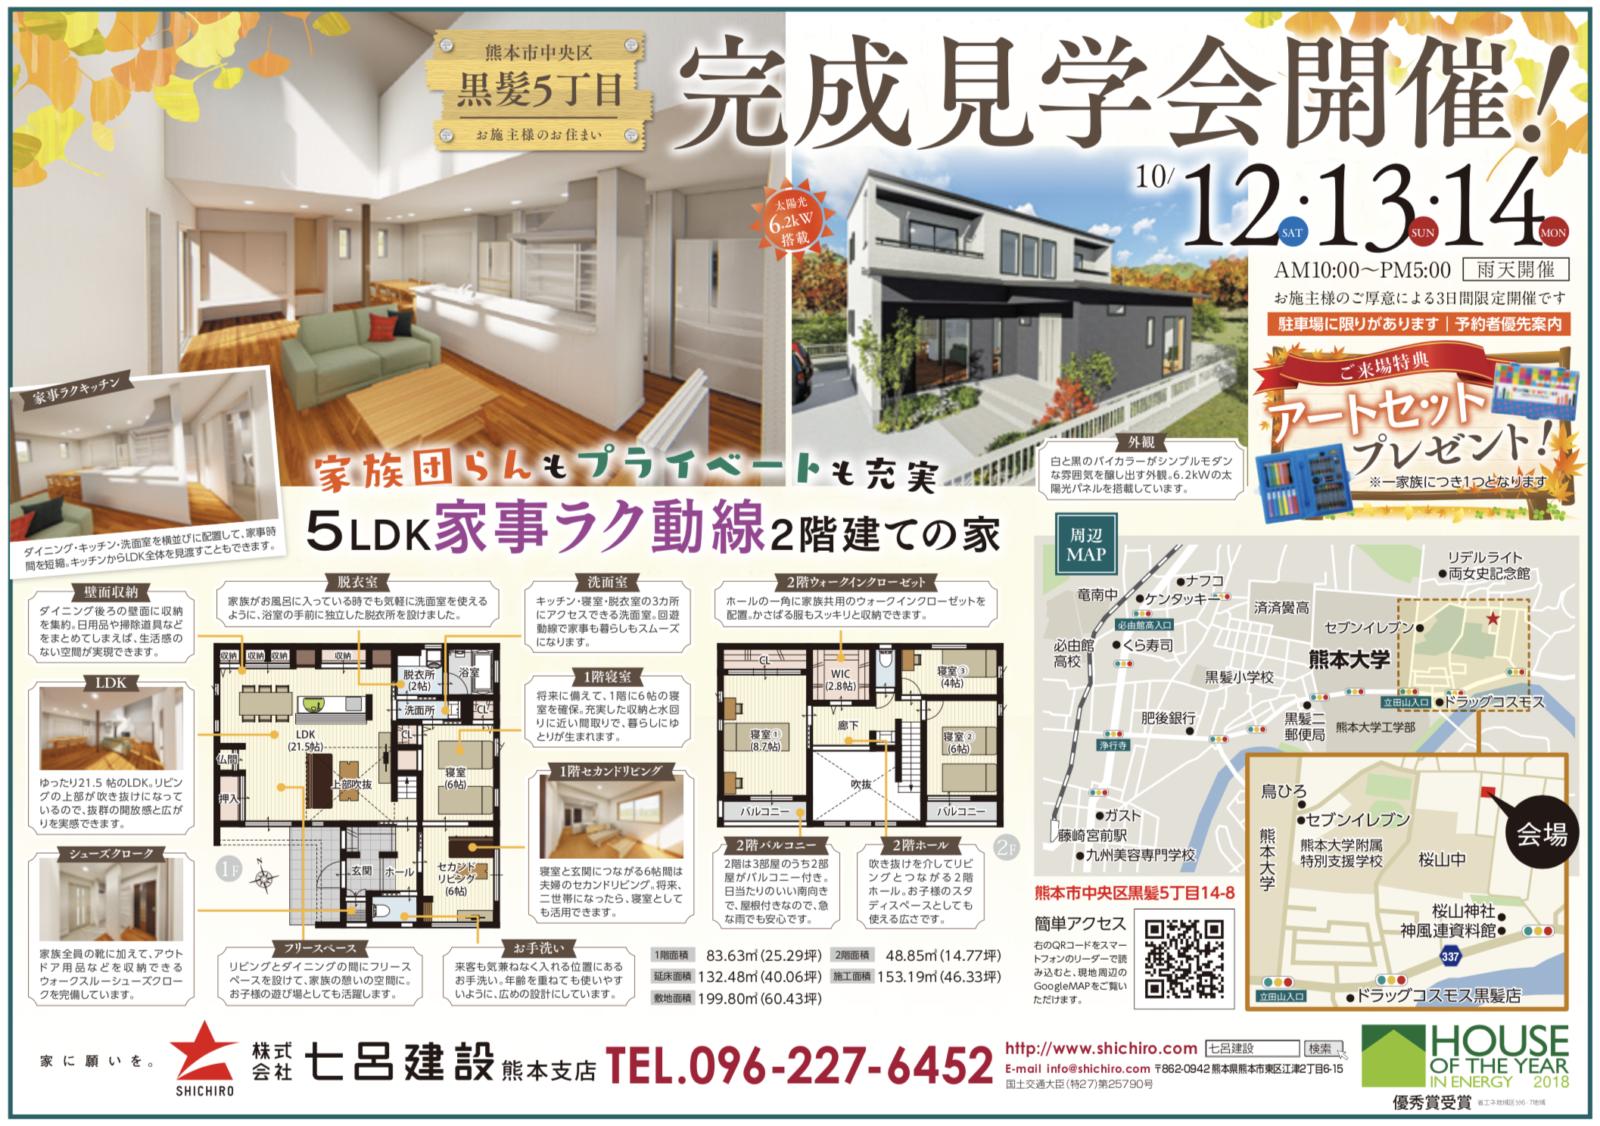 七呂建設 | 5LDK家事ラク動線2階建ての家 完成見学会【熊本市】